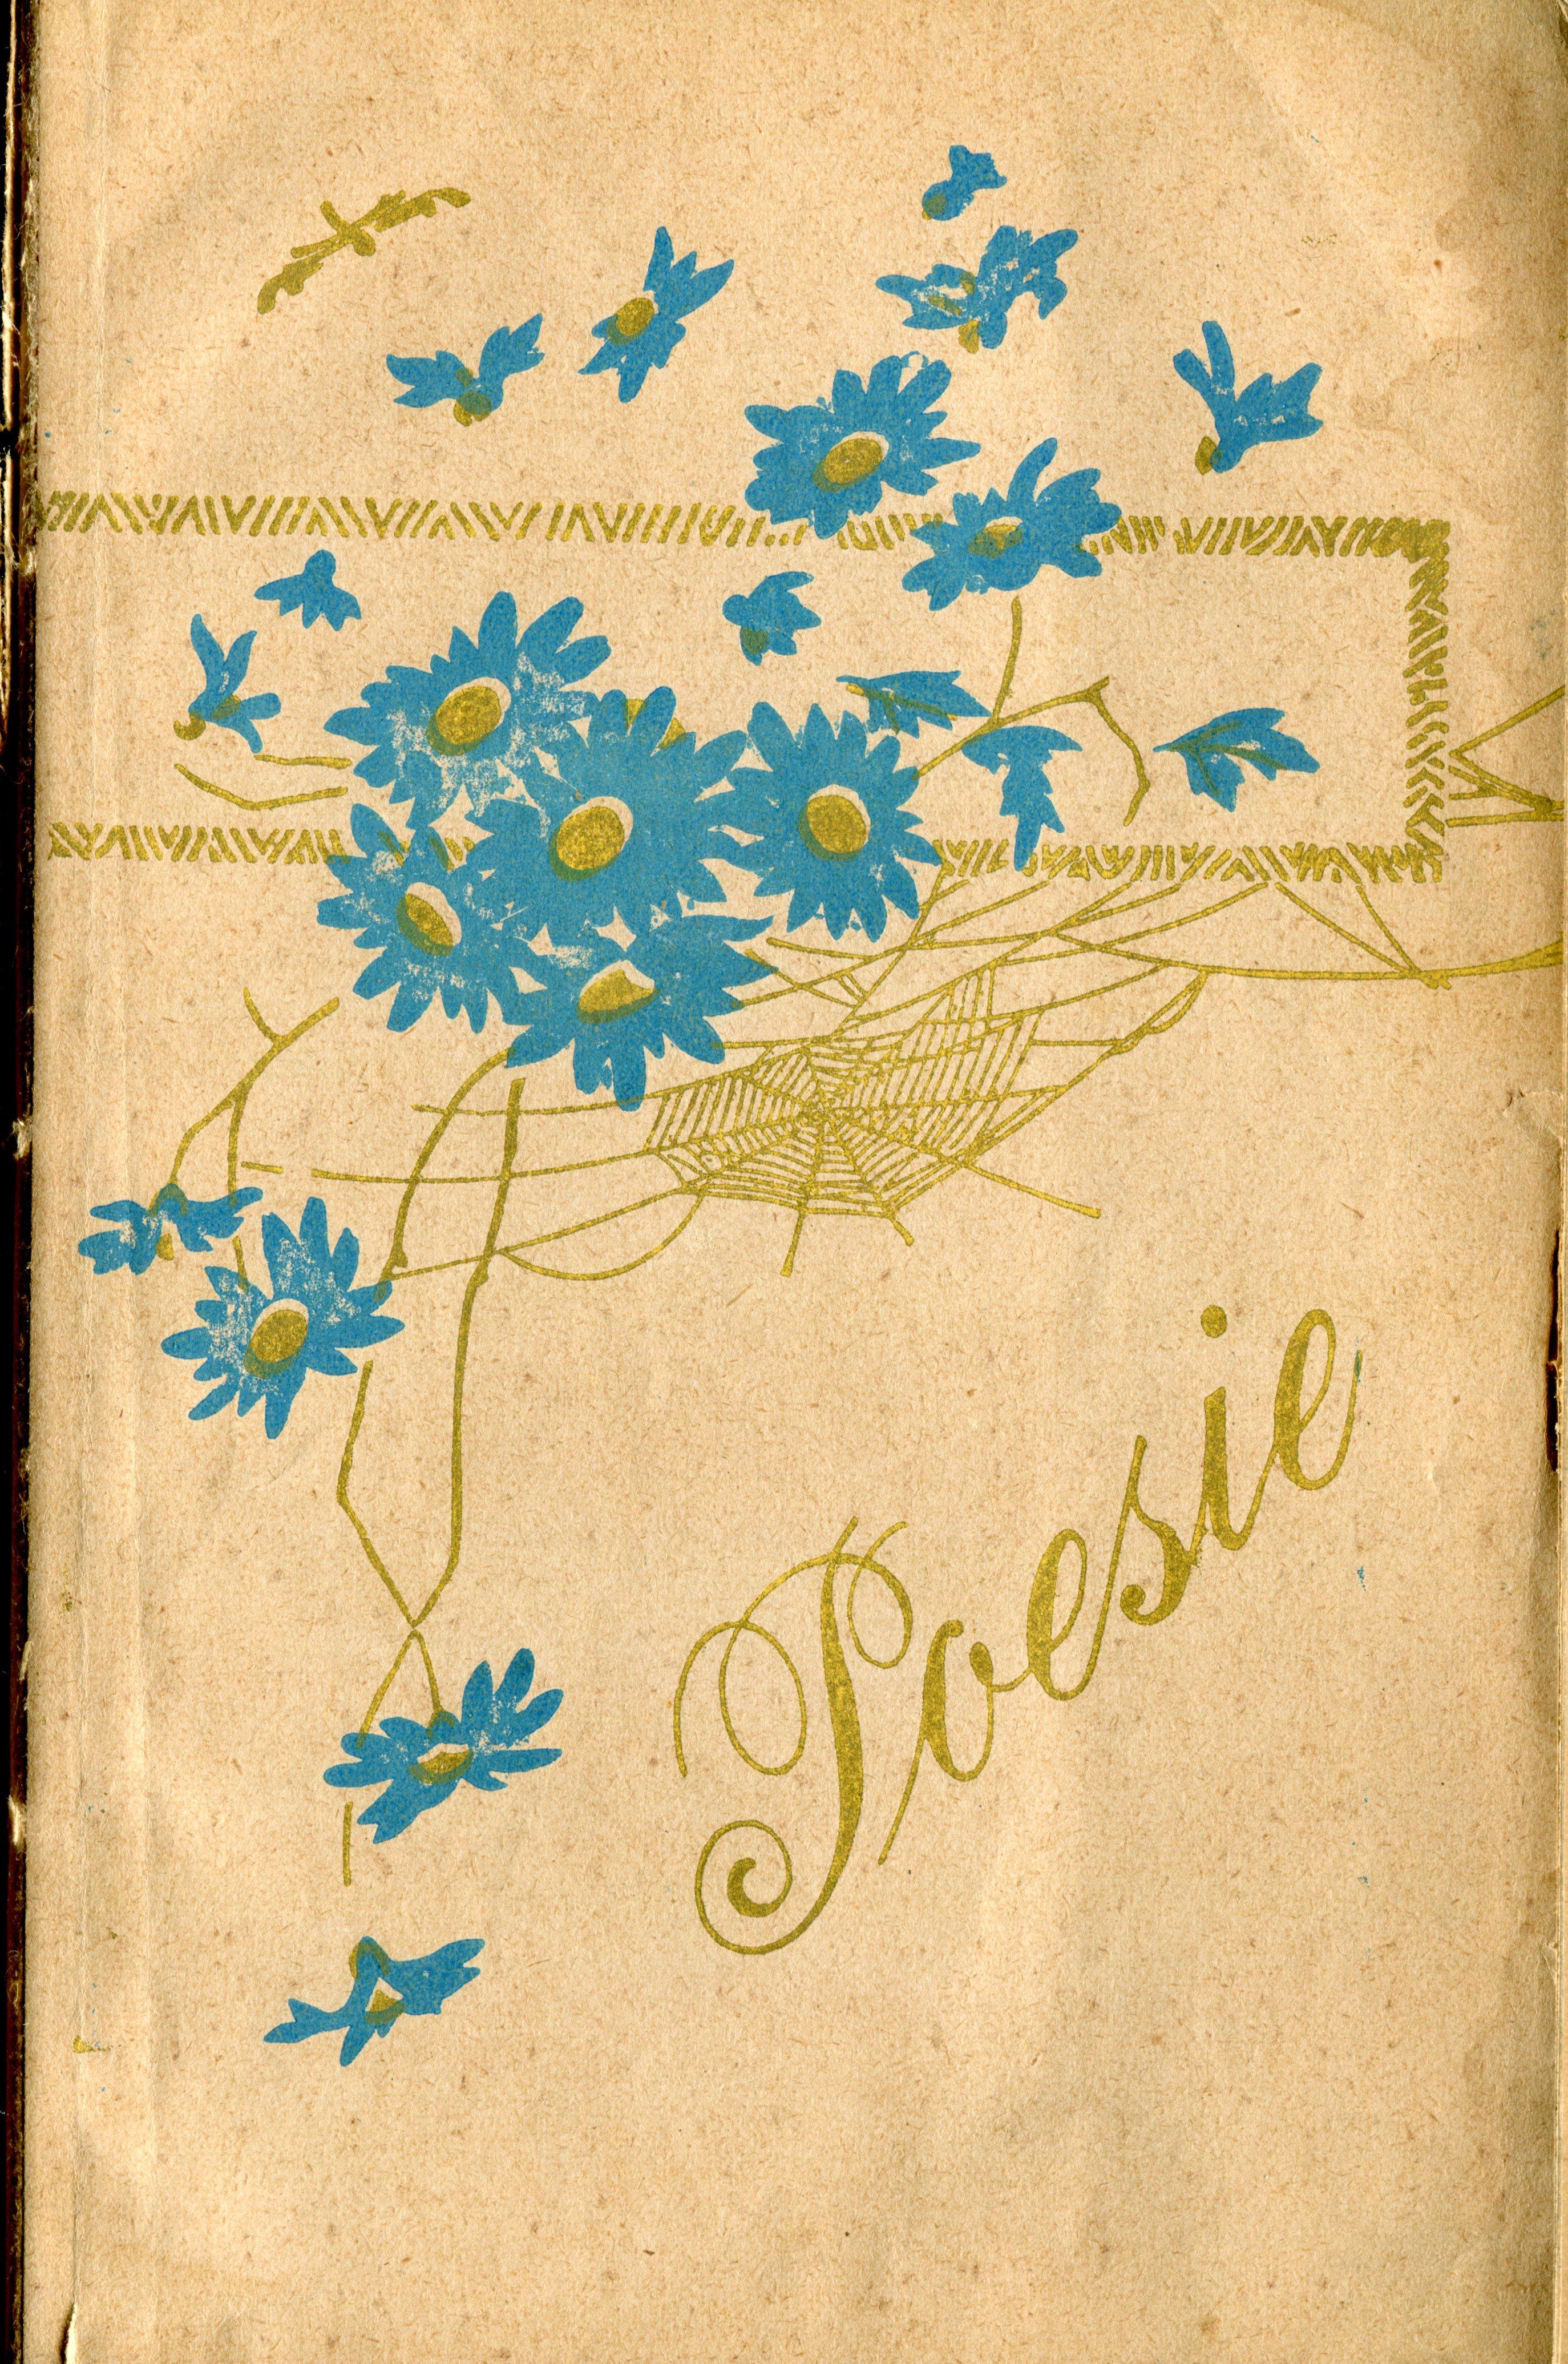 Das Poesiealbum Von Wanda Lindner Aus Züllchowblog